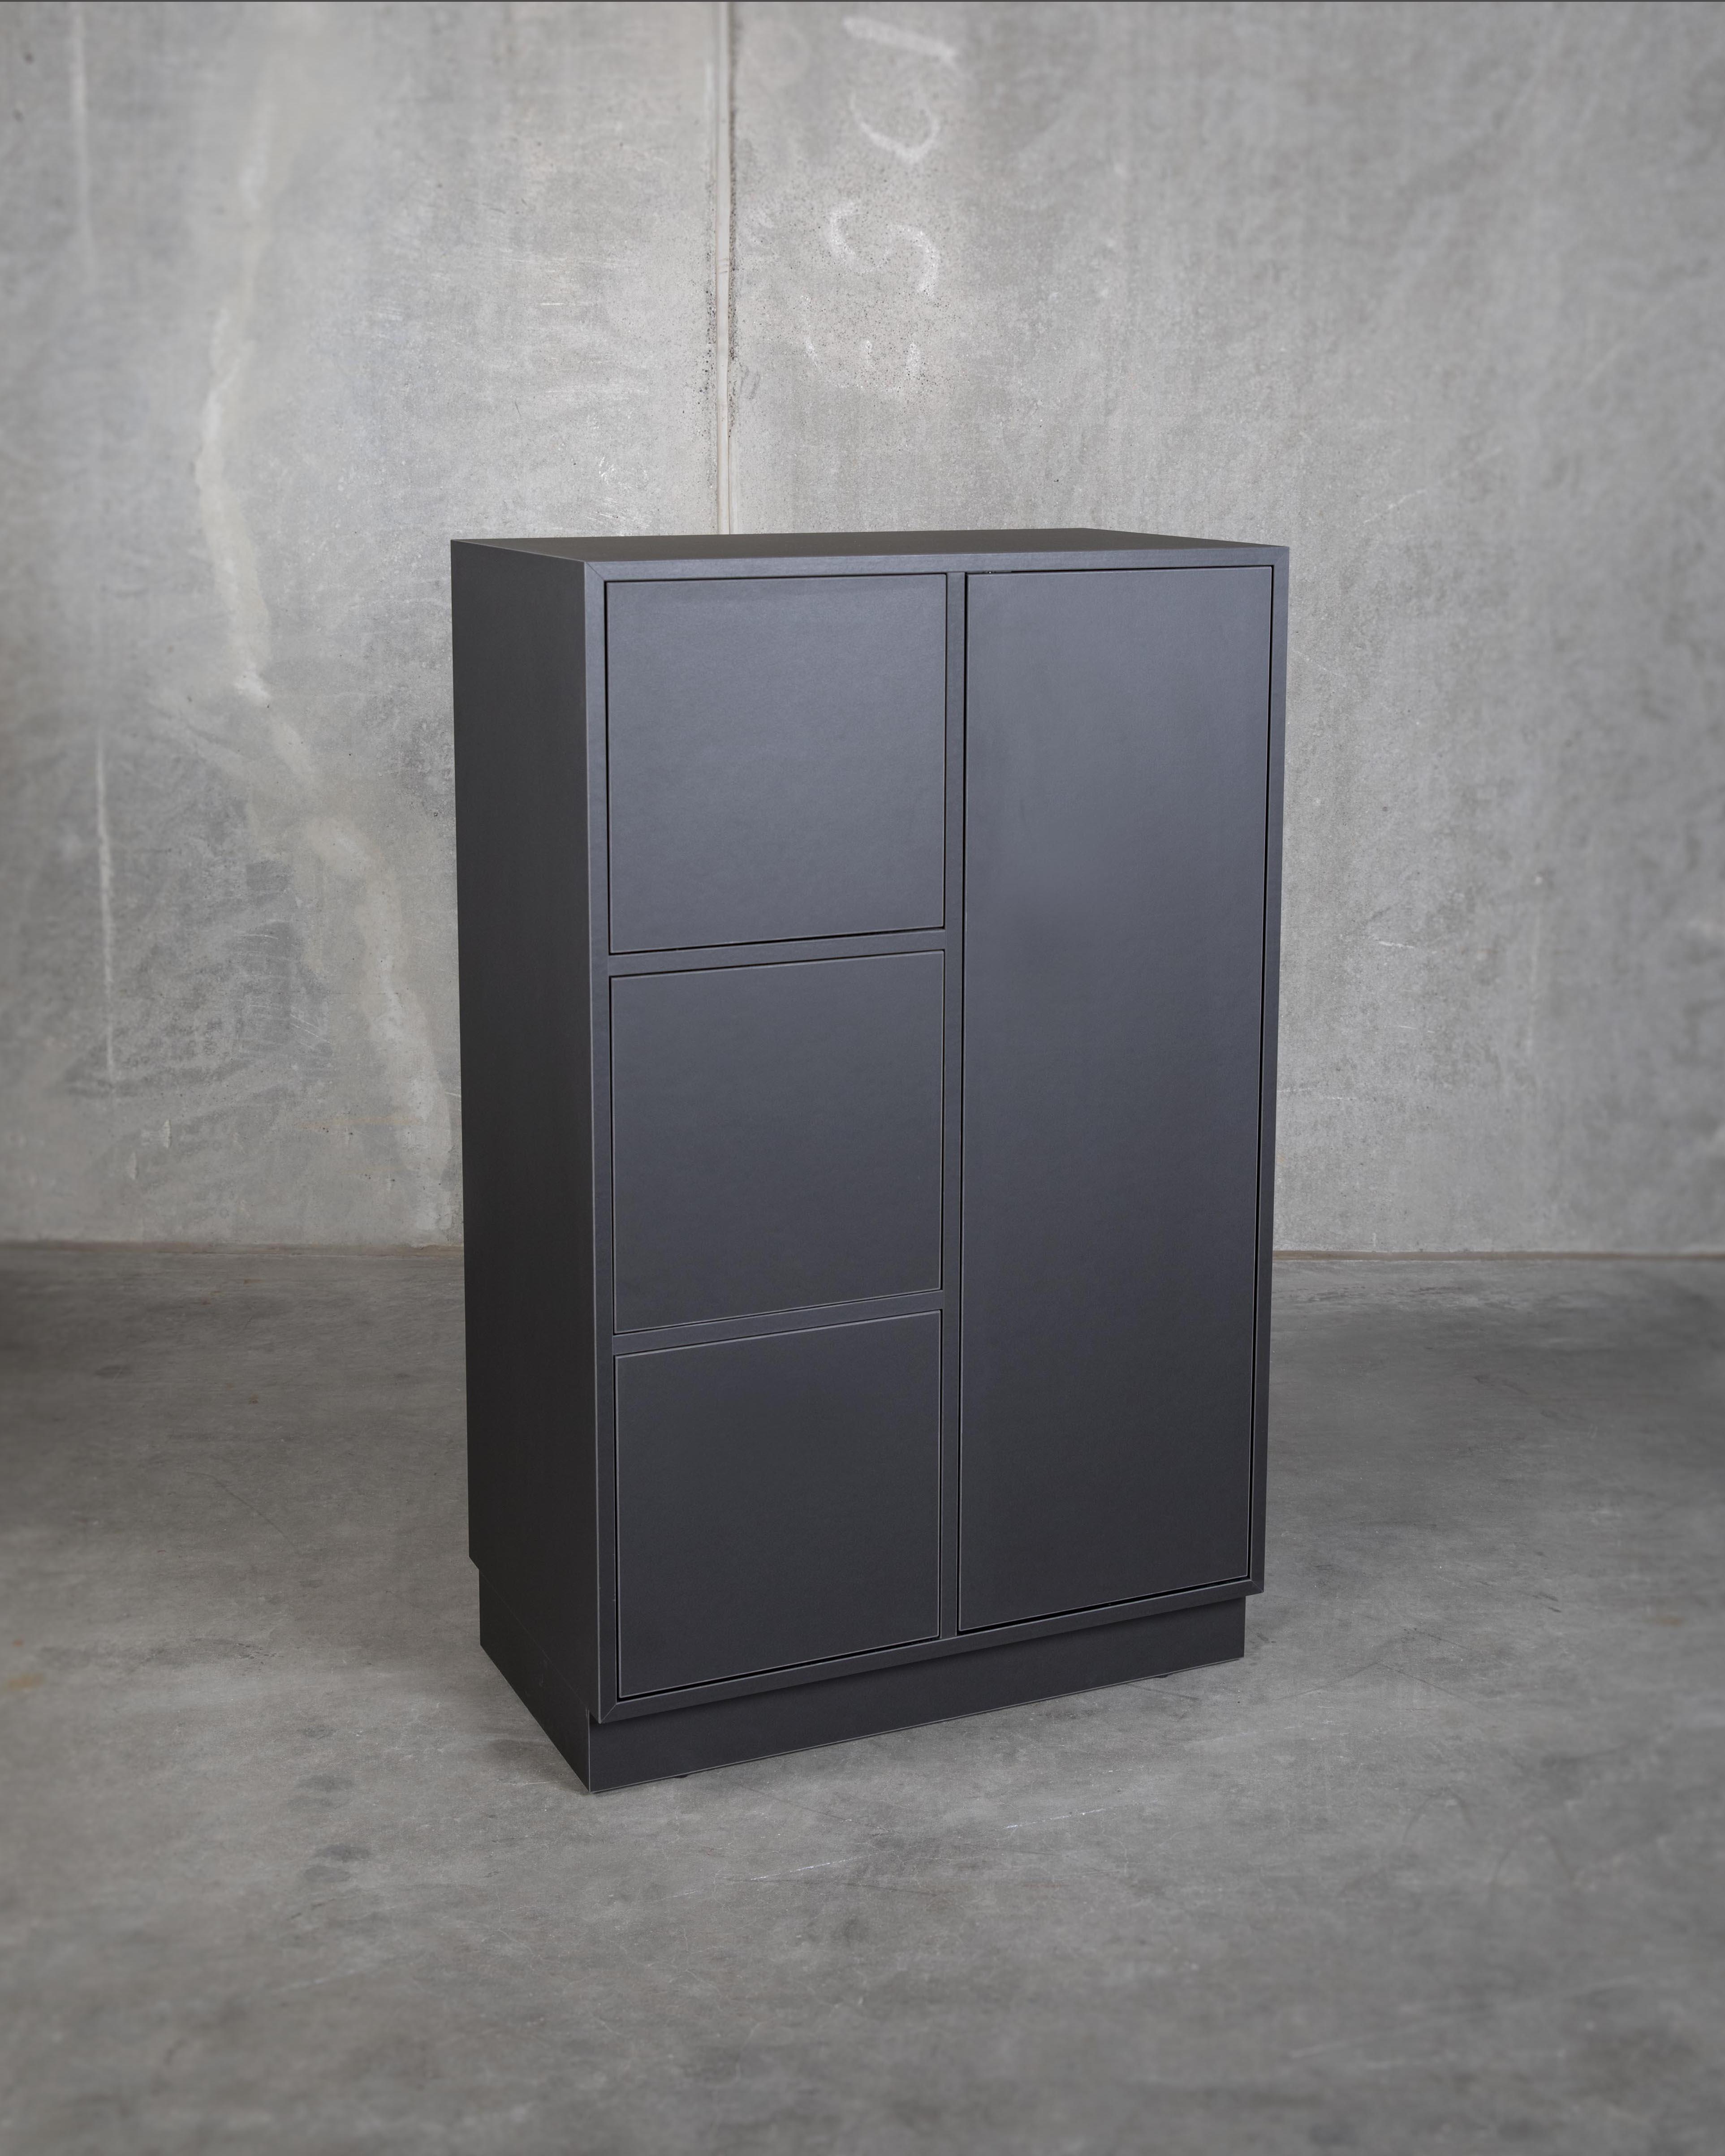 WO_Storage_05_110119